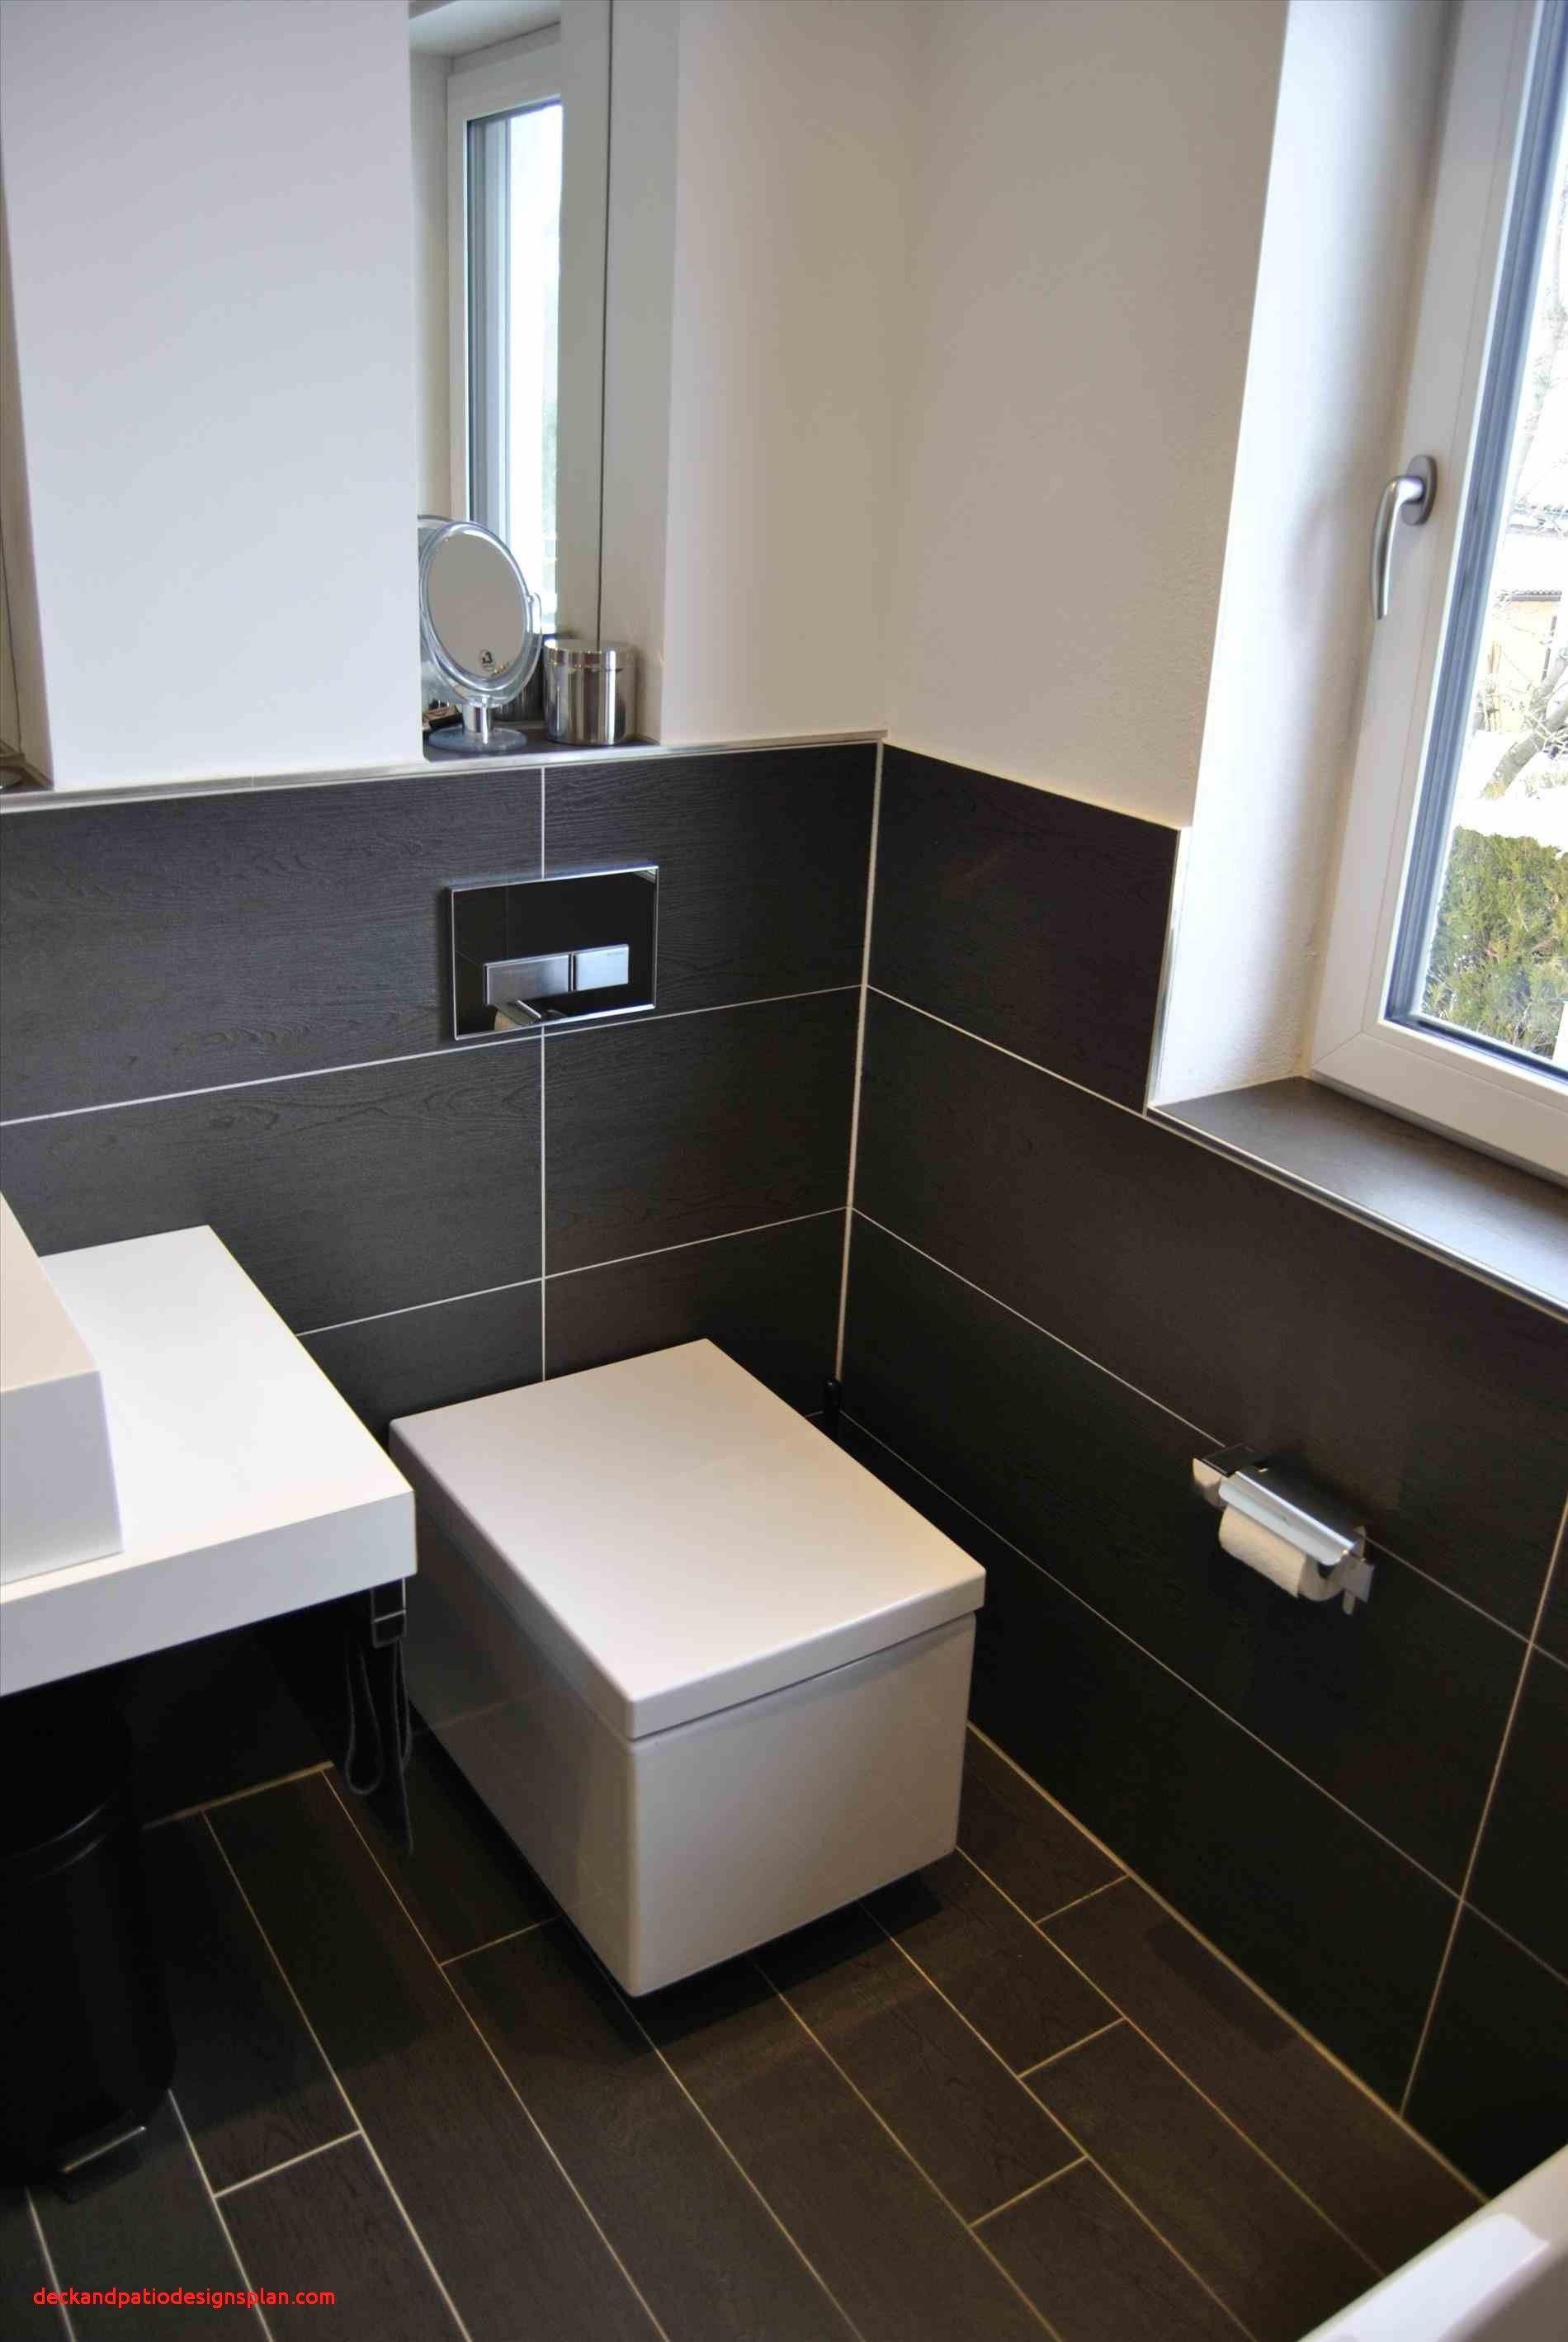 16 Badezimmer Umbau Fotos Ideen Neu Neu Rollo Bad